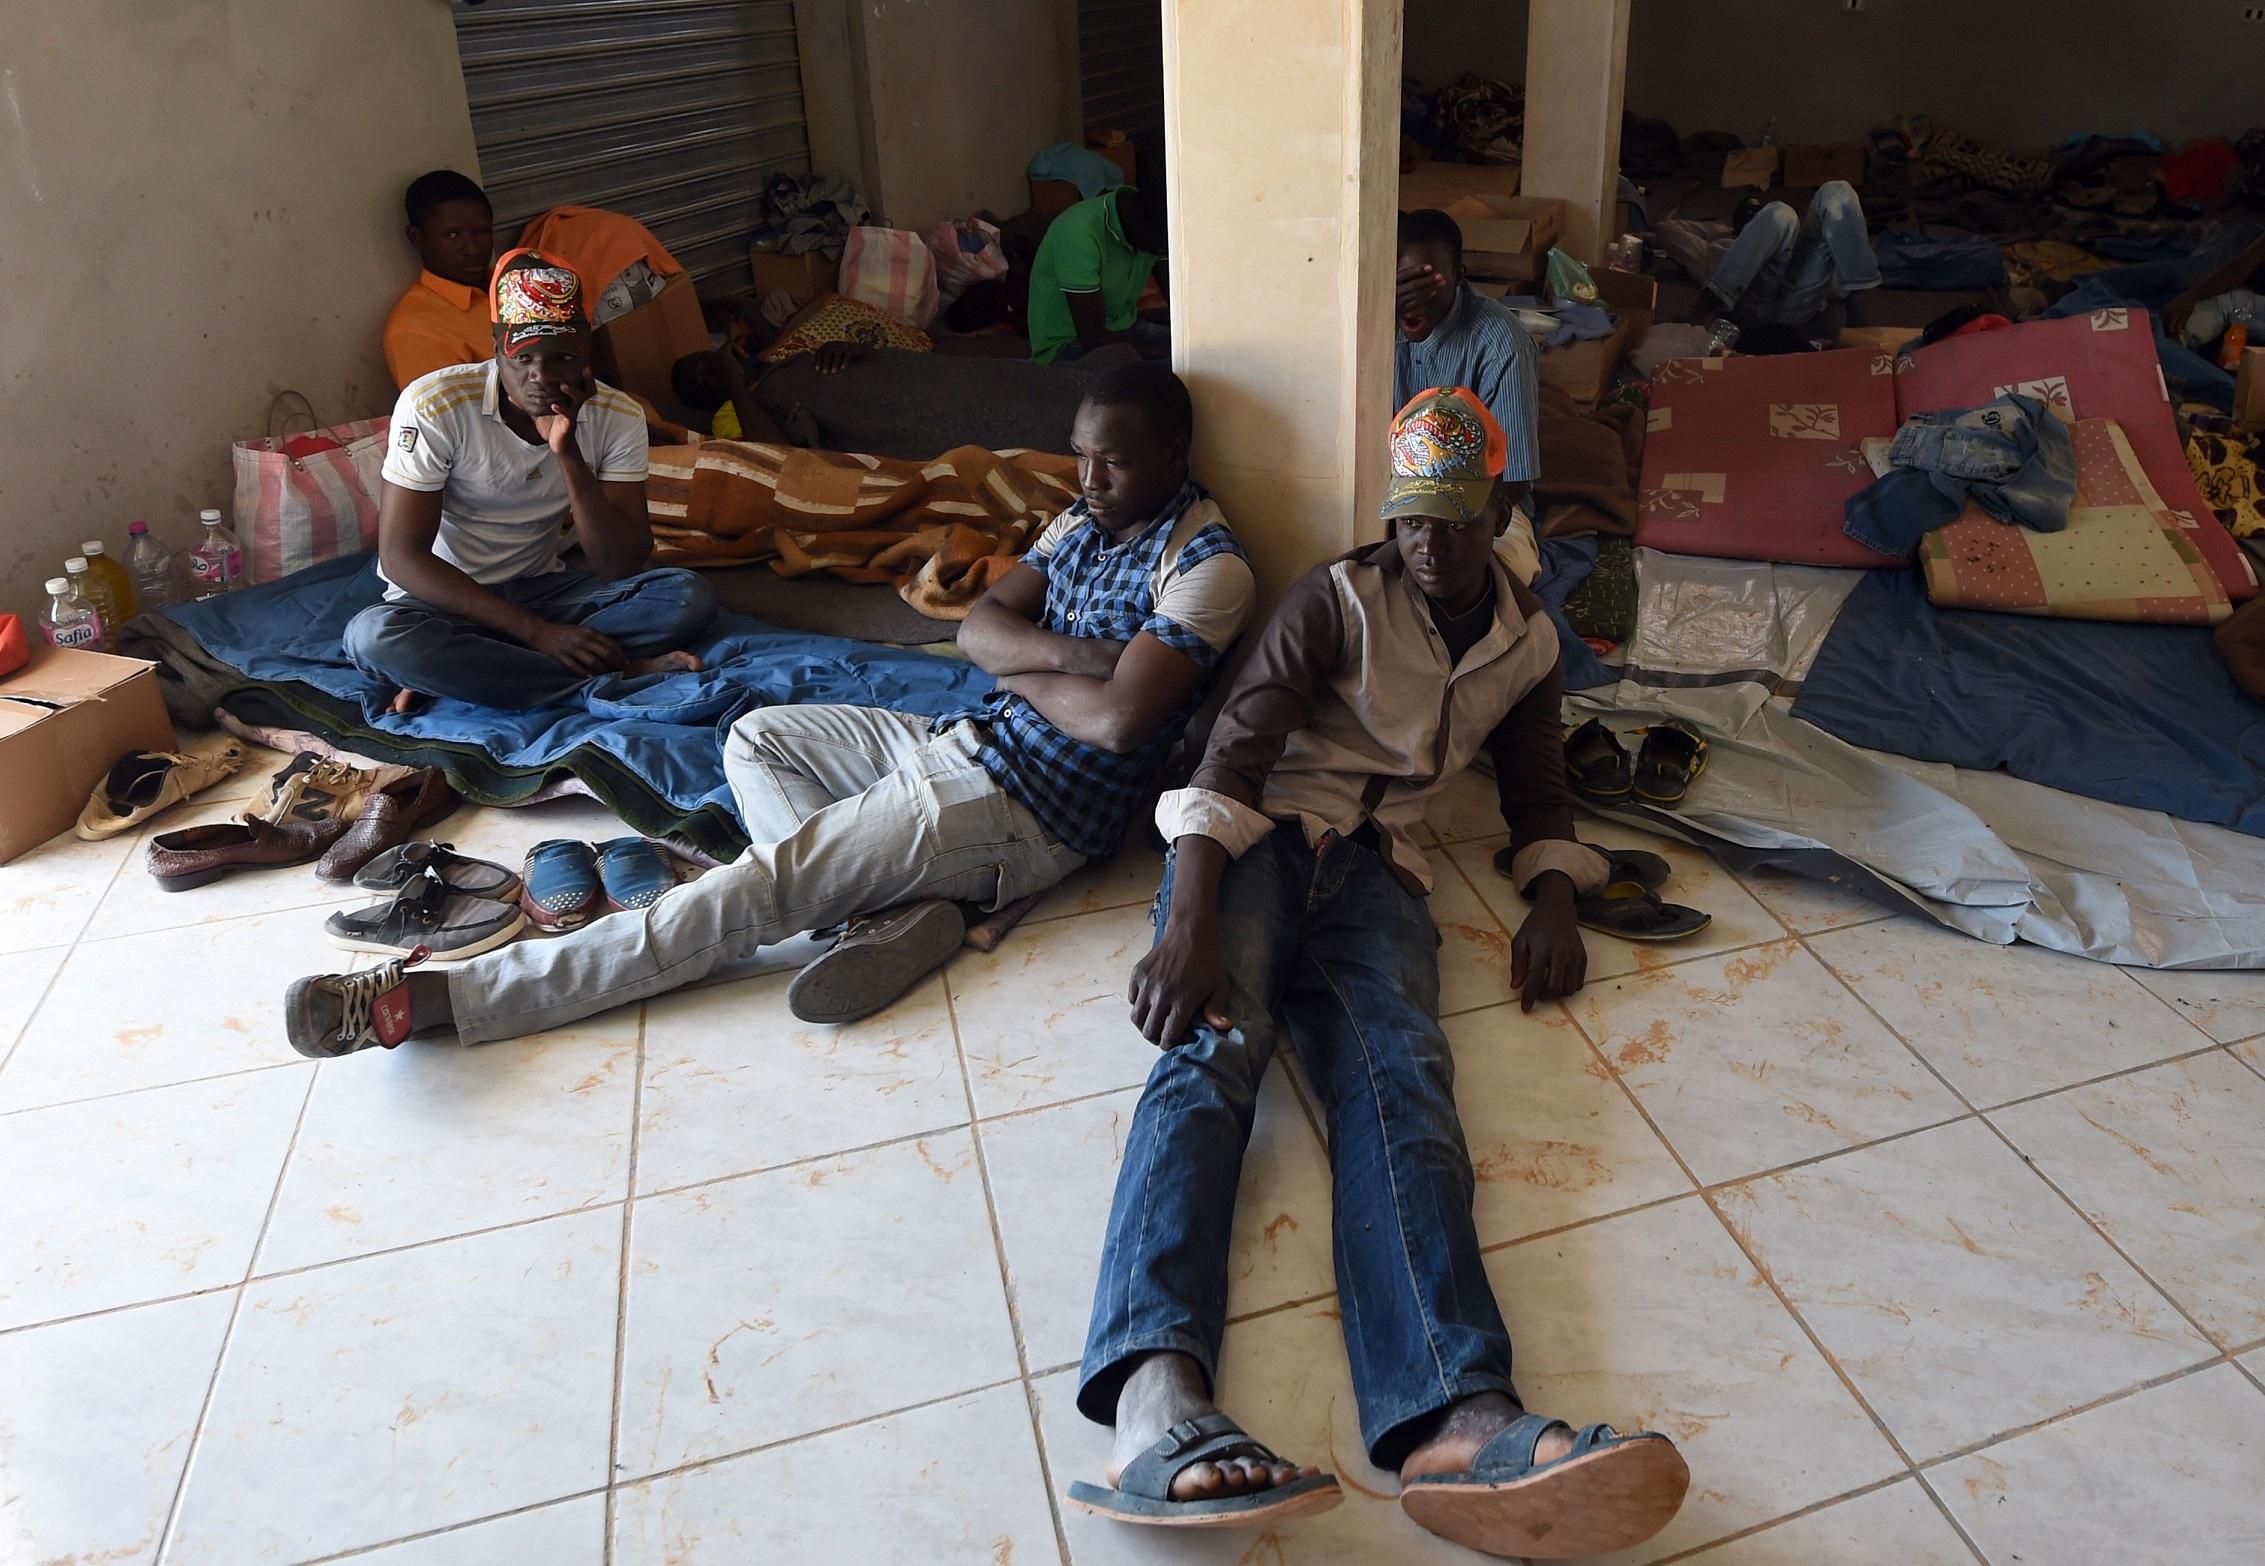 Des migrants subsahariens en Tunisie. D. R.